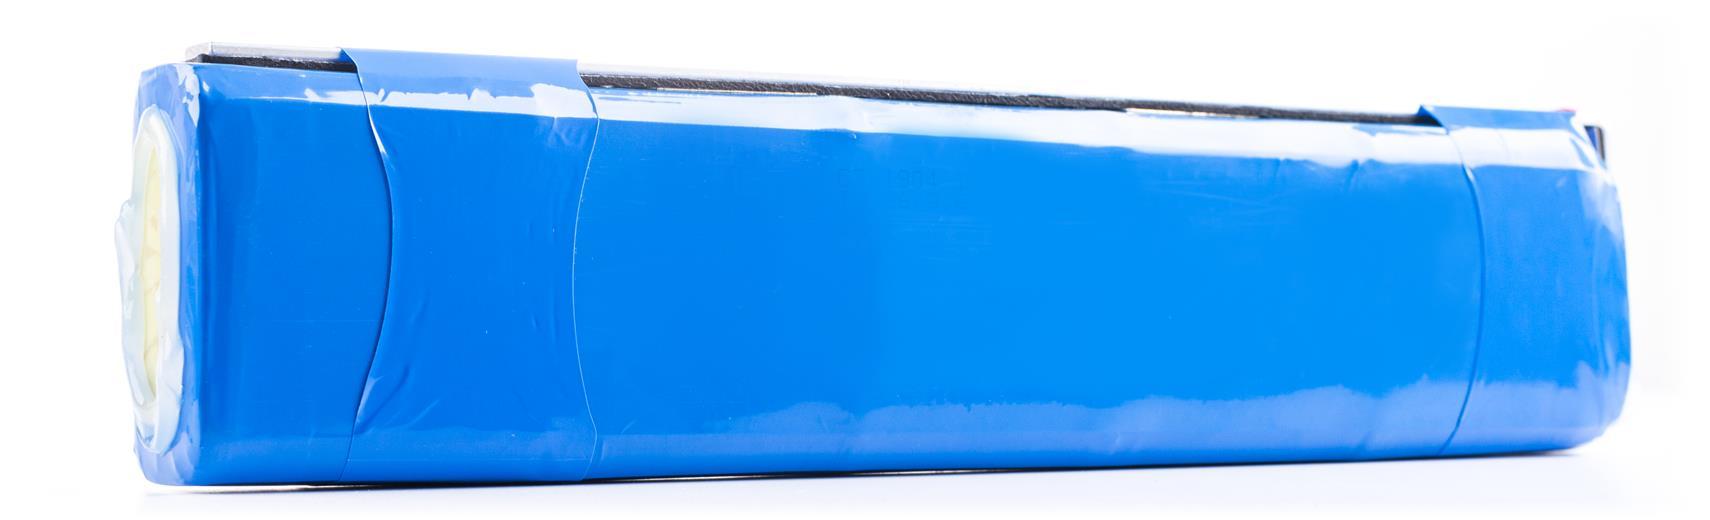 Batéria G21 náhradná pre elektrobicykel Loren